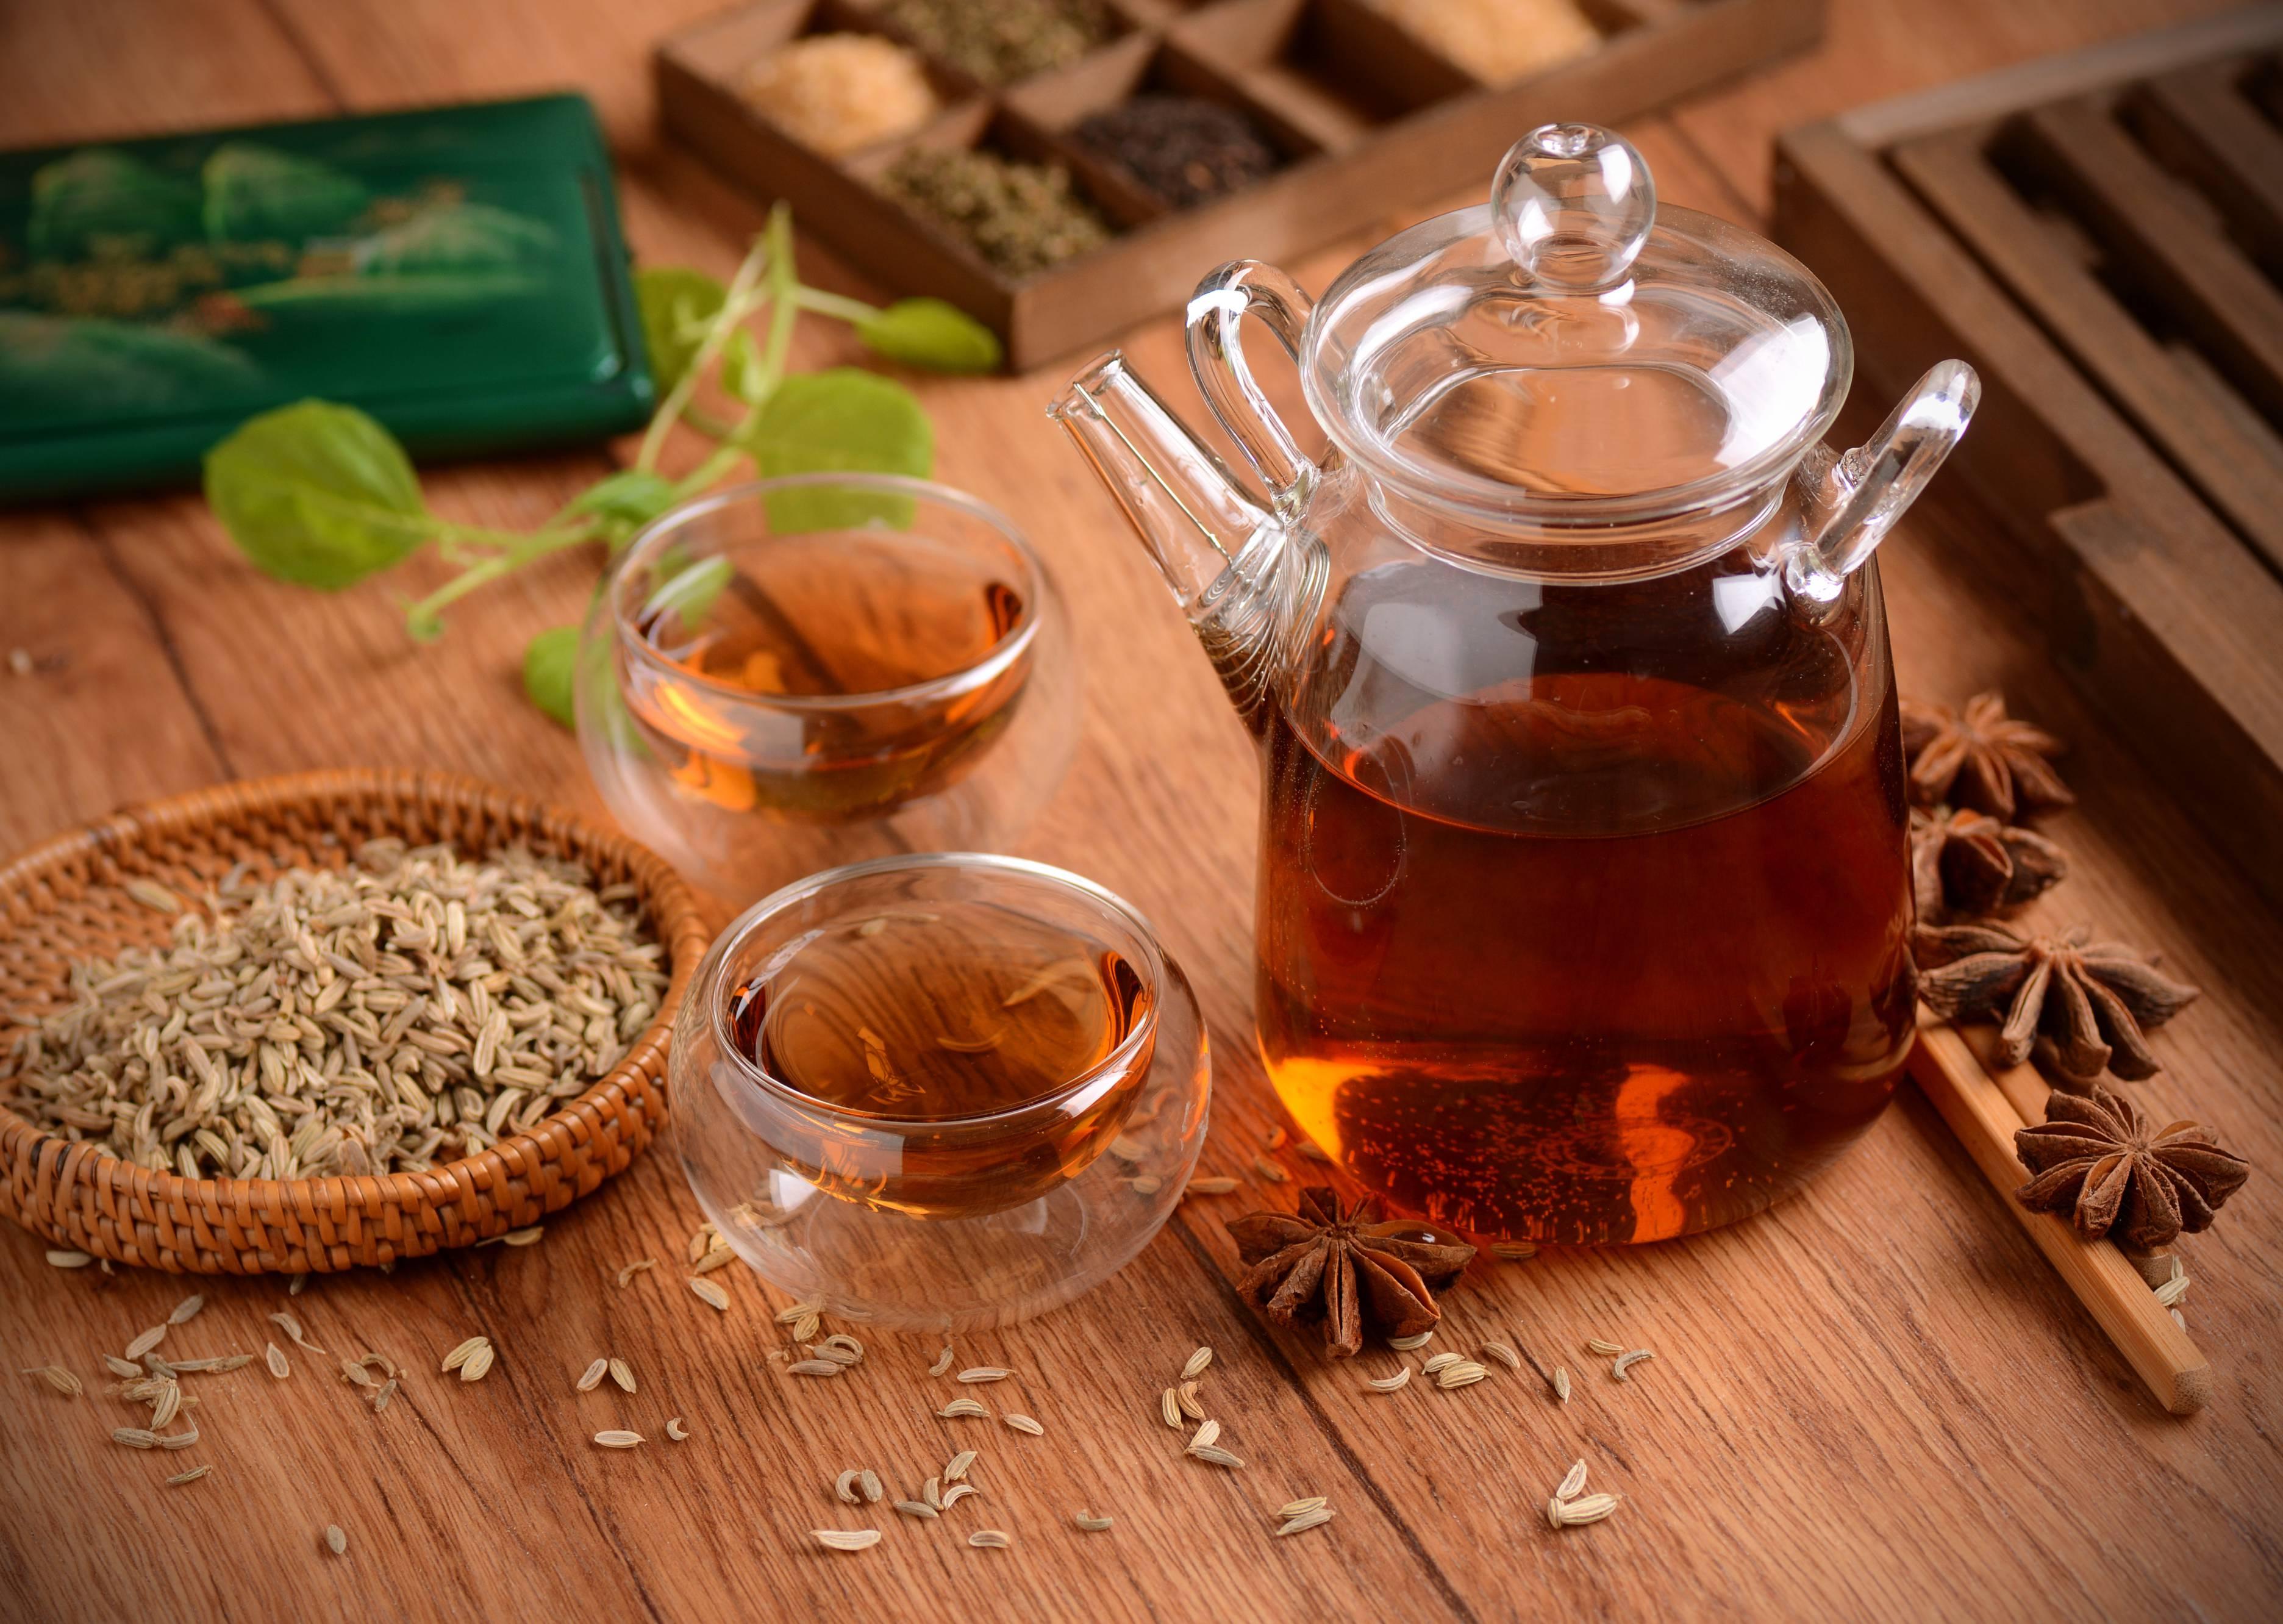 come preparare il tè di camomilla per perdere peso